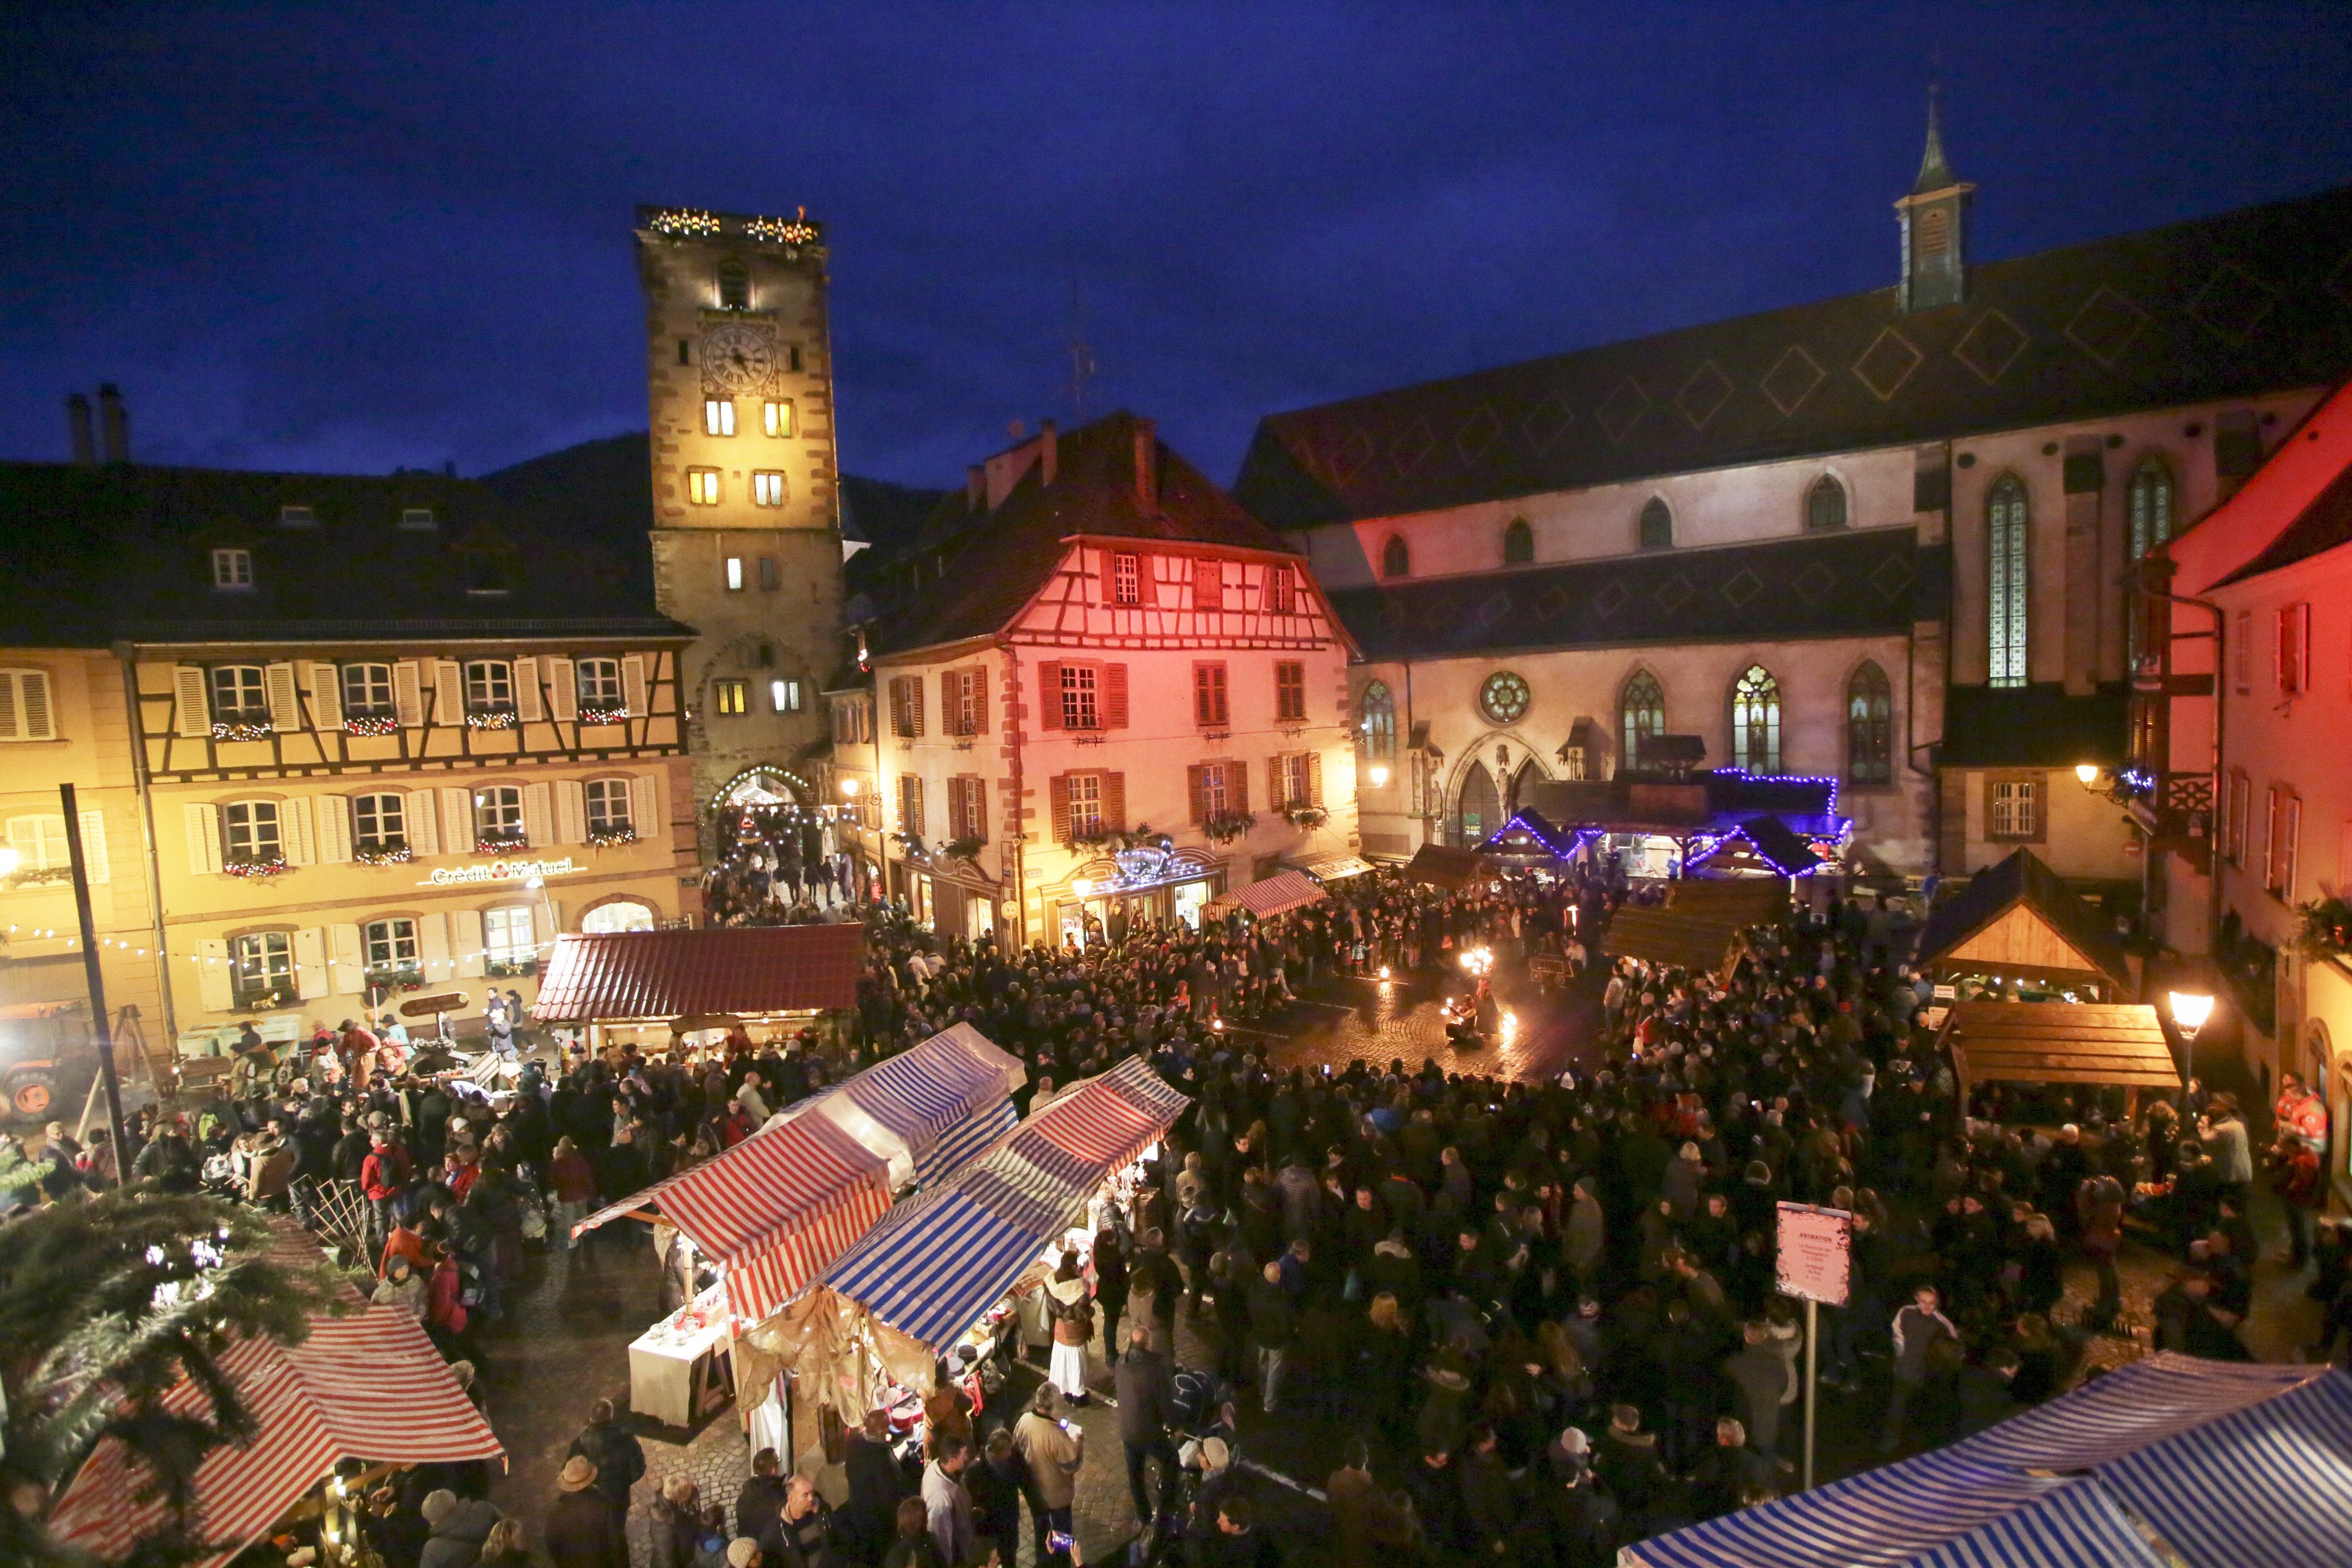 Le marché de Noël de Ribeauvillé en Alsace